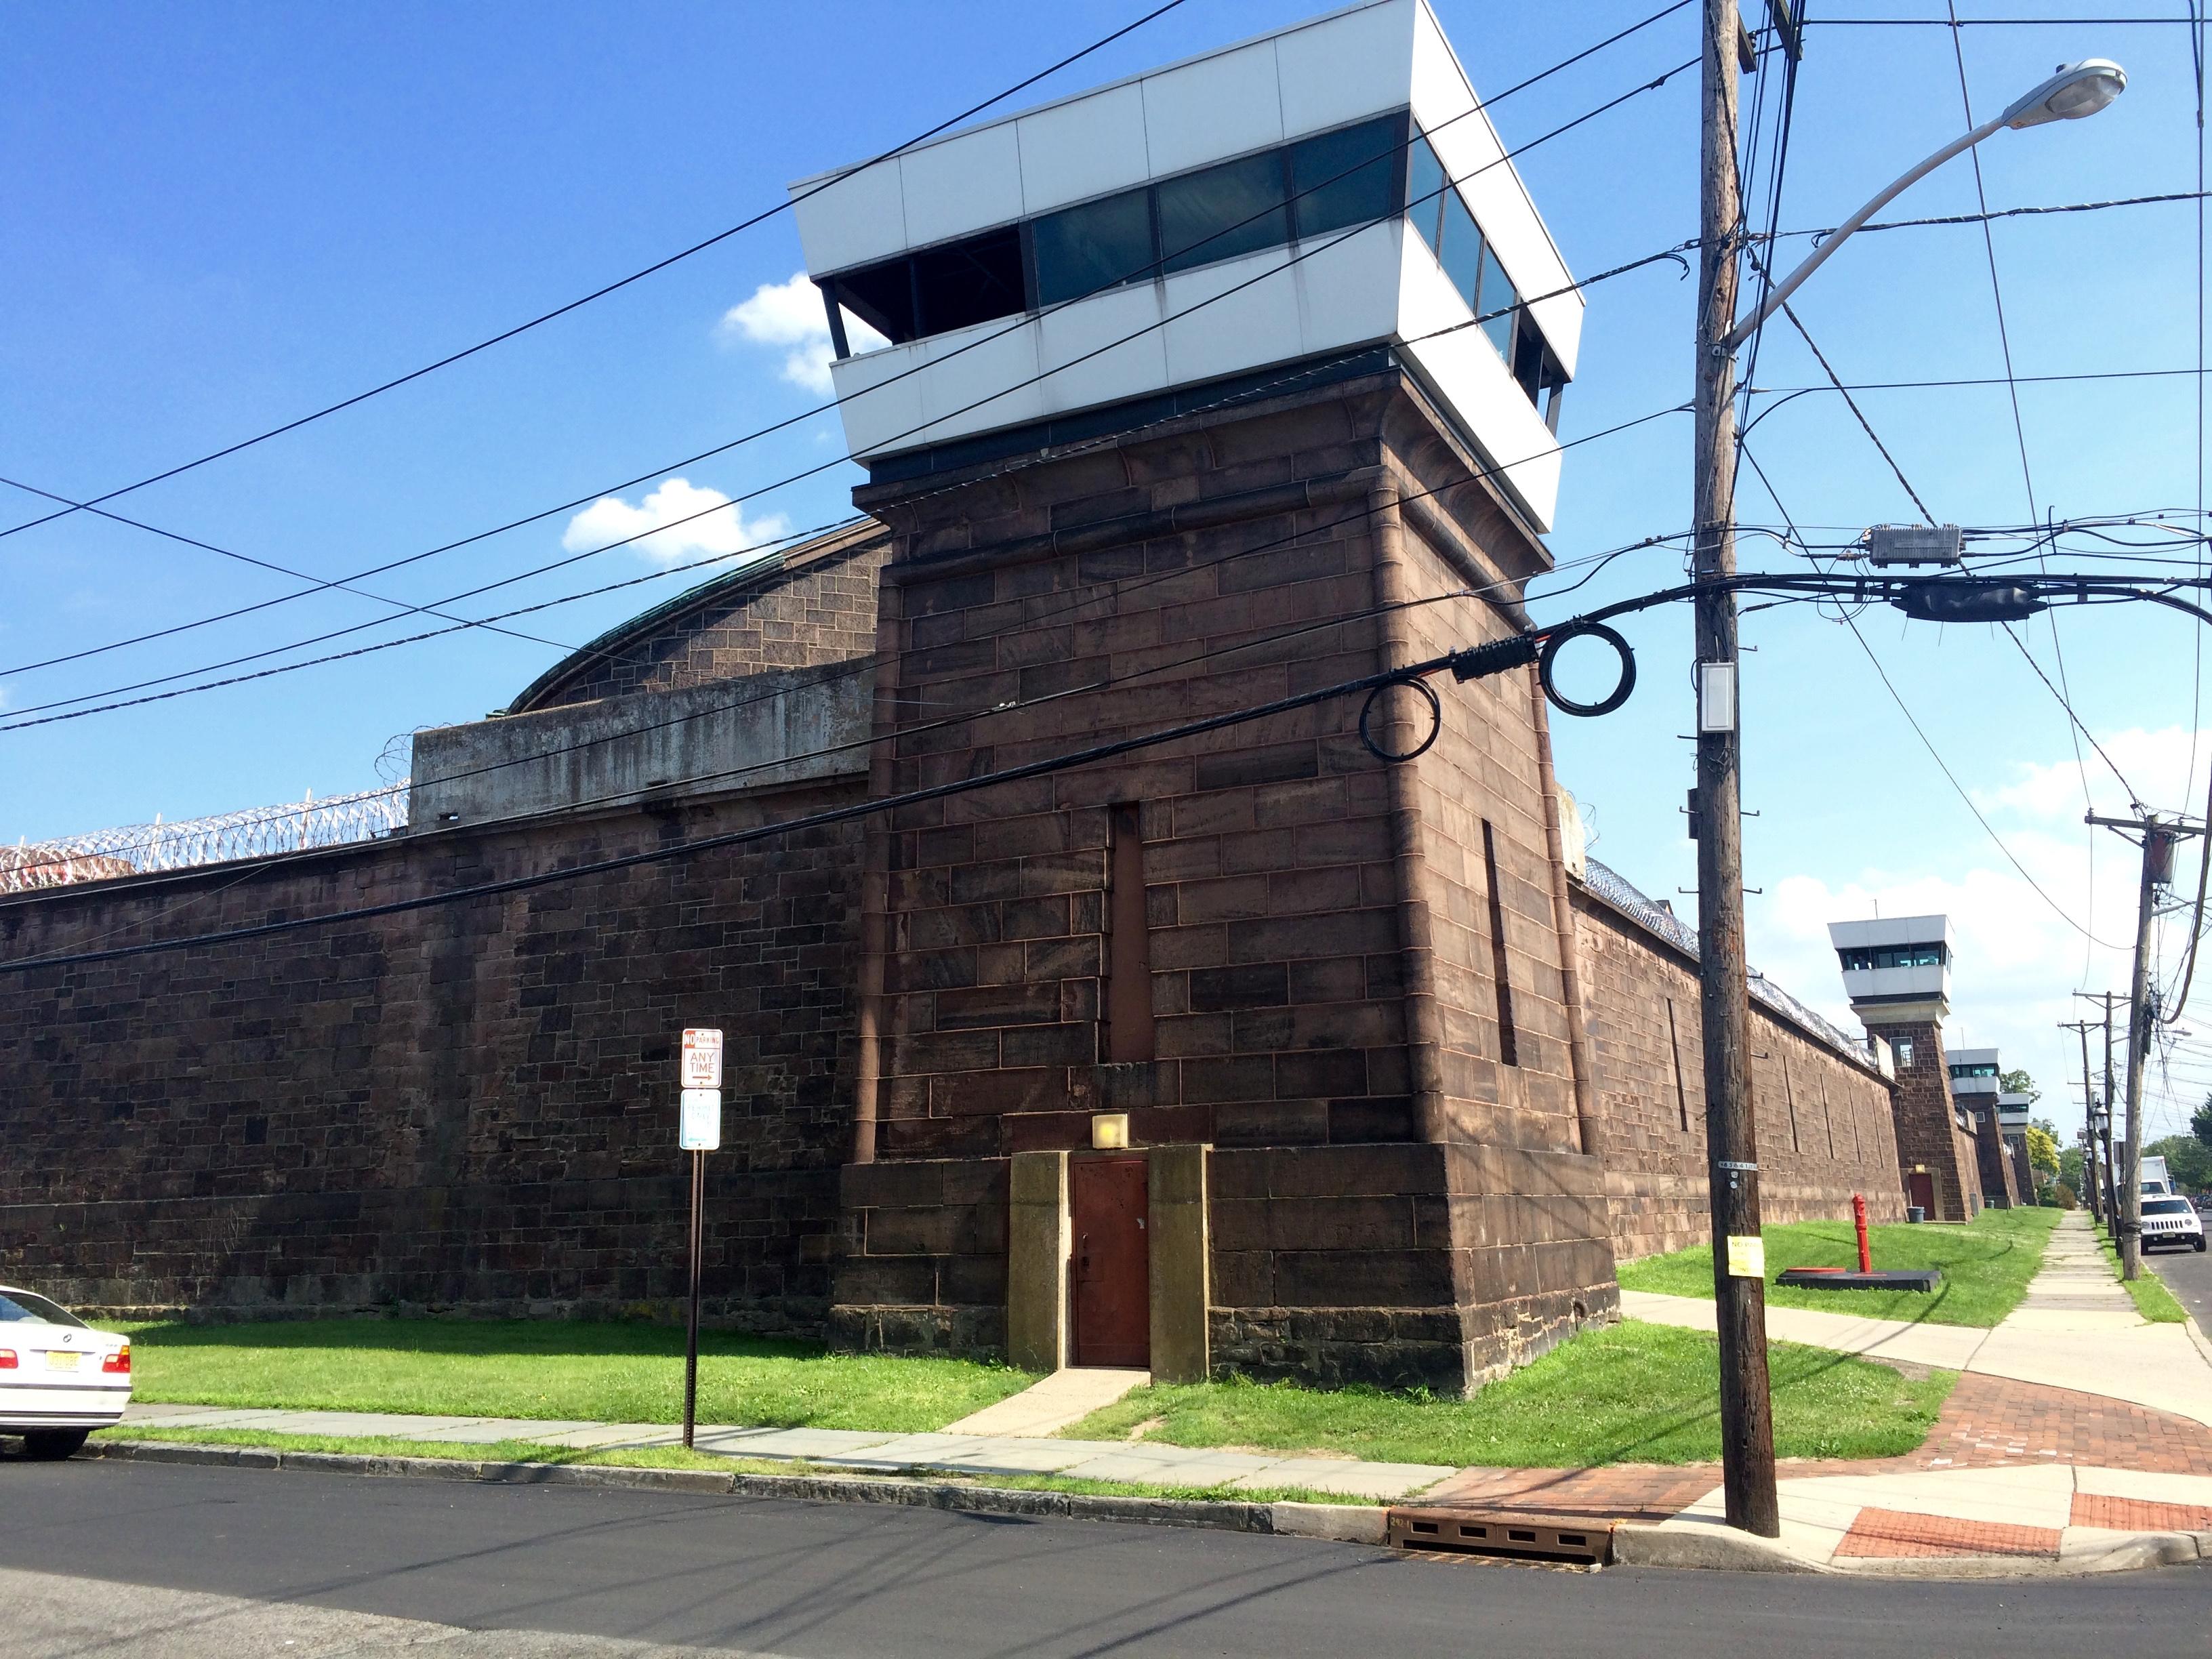 New Jersey State Prison - Wikipedia